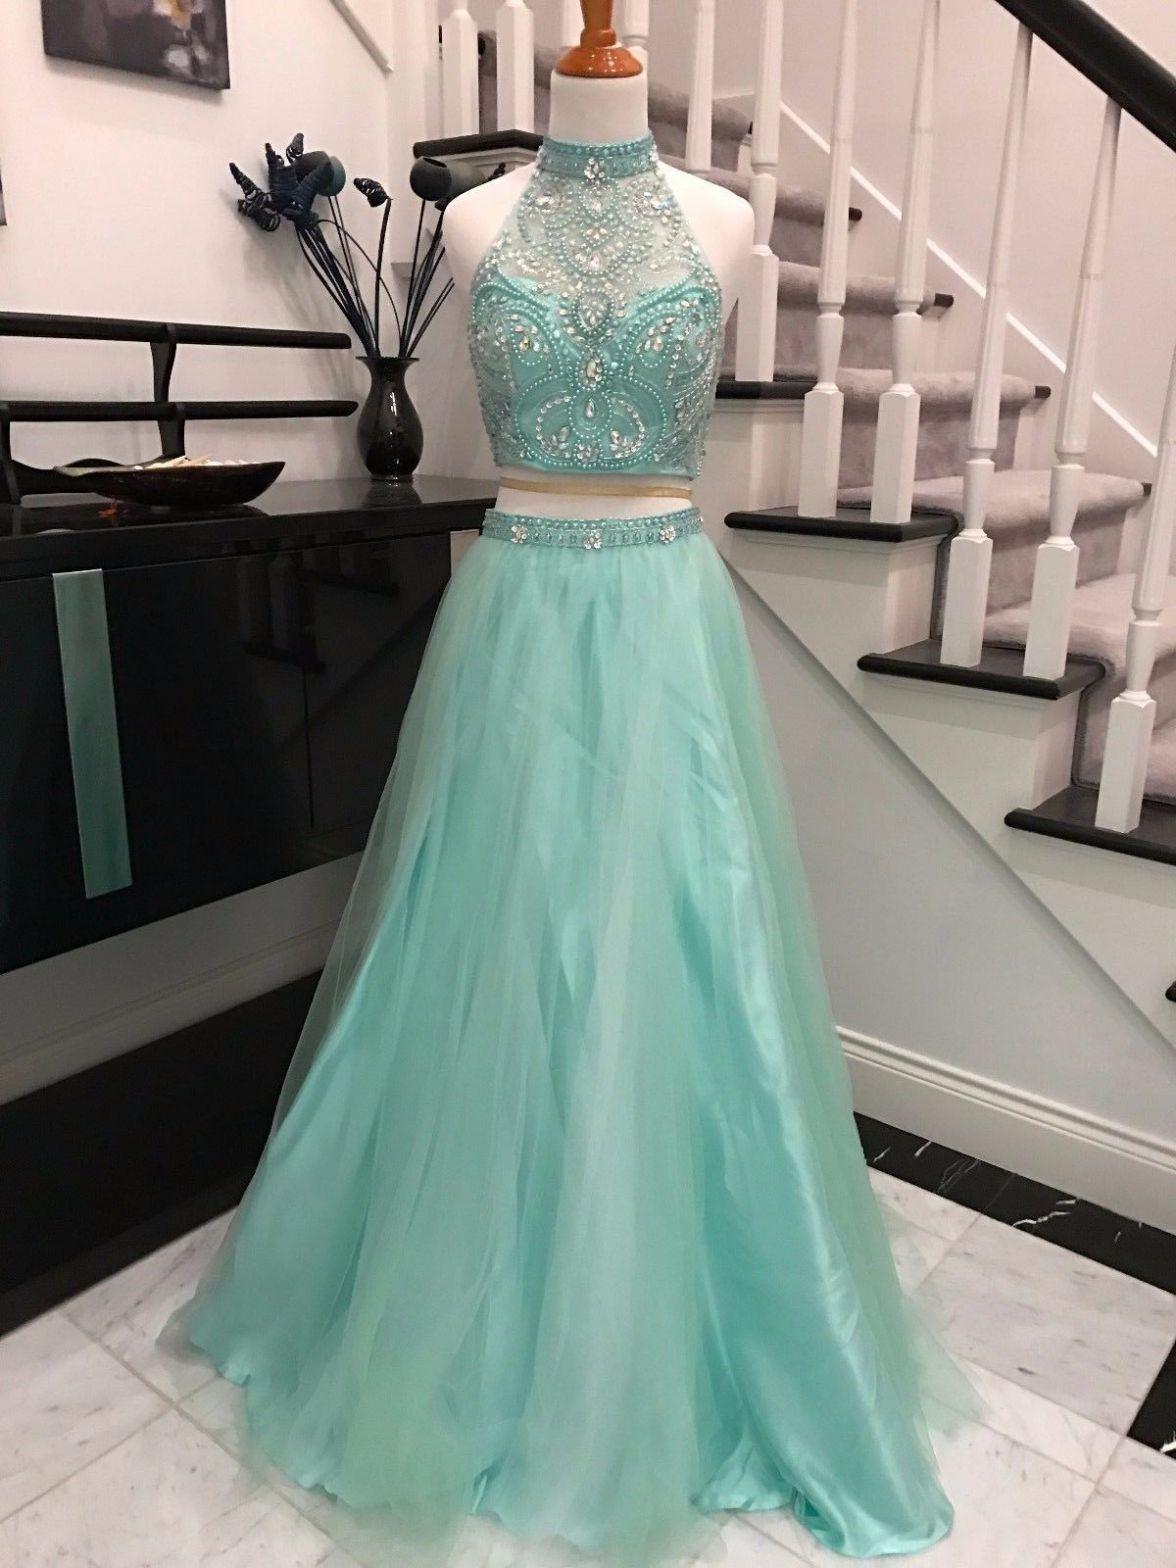 Green dress prom  Prom Dress Green Dress Mint Green Dress Formal Dress Two Piece